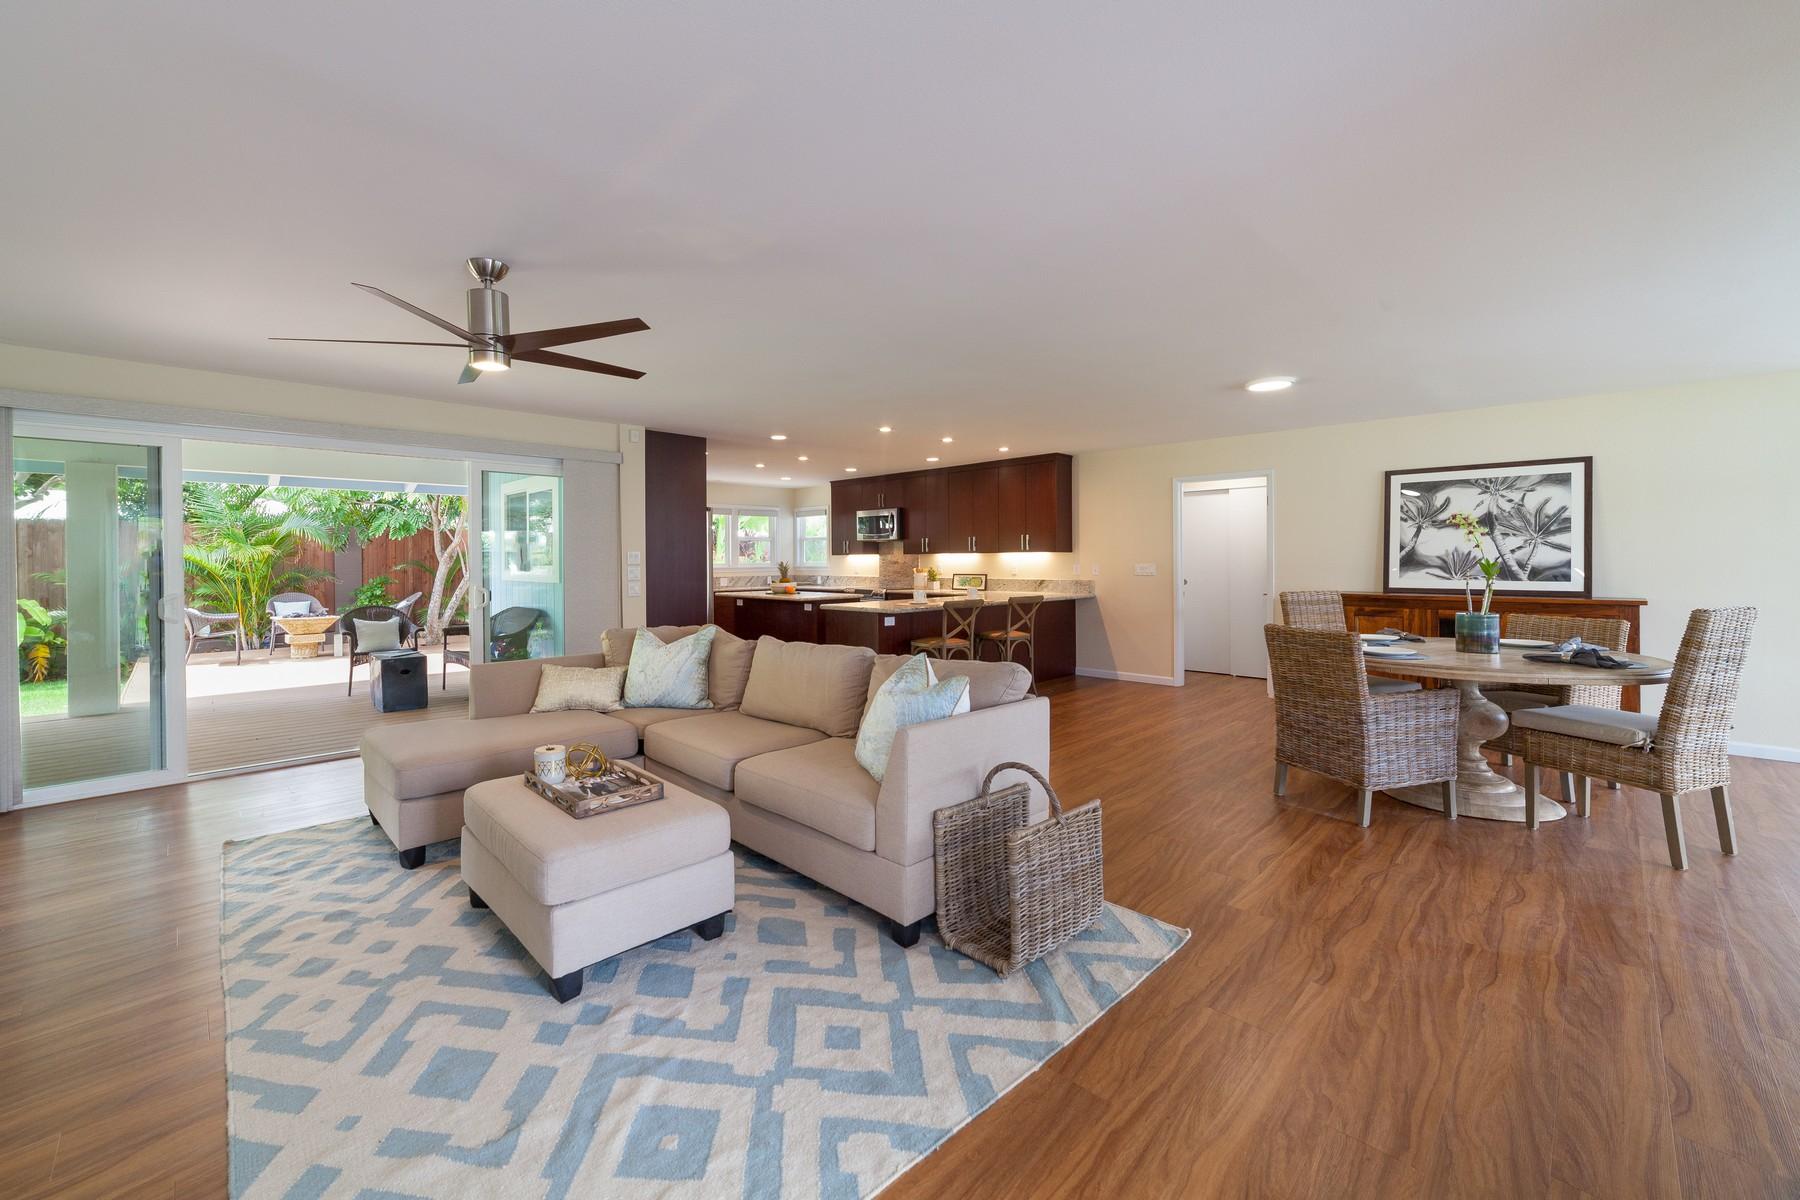 Single Family Homes για την Πώληση στο Beachside Kailua 55 Mahiloa Pl, Kailua, Χαβαη 96734 Ηνωμένες Πολιτείες